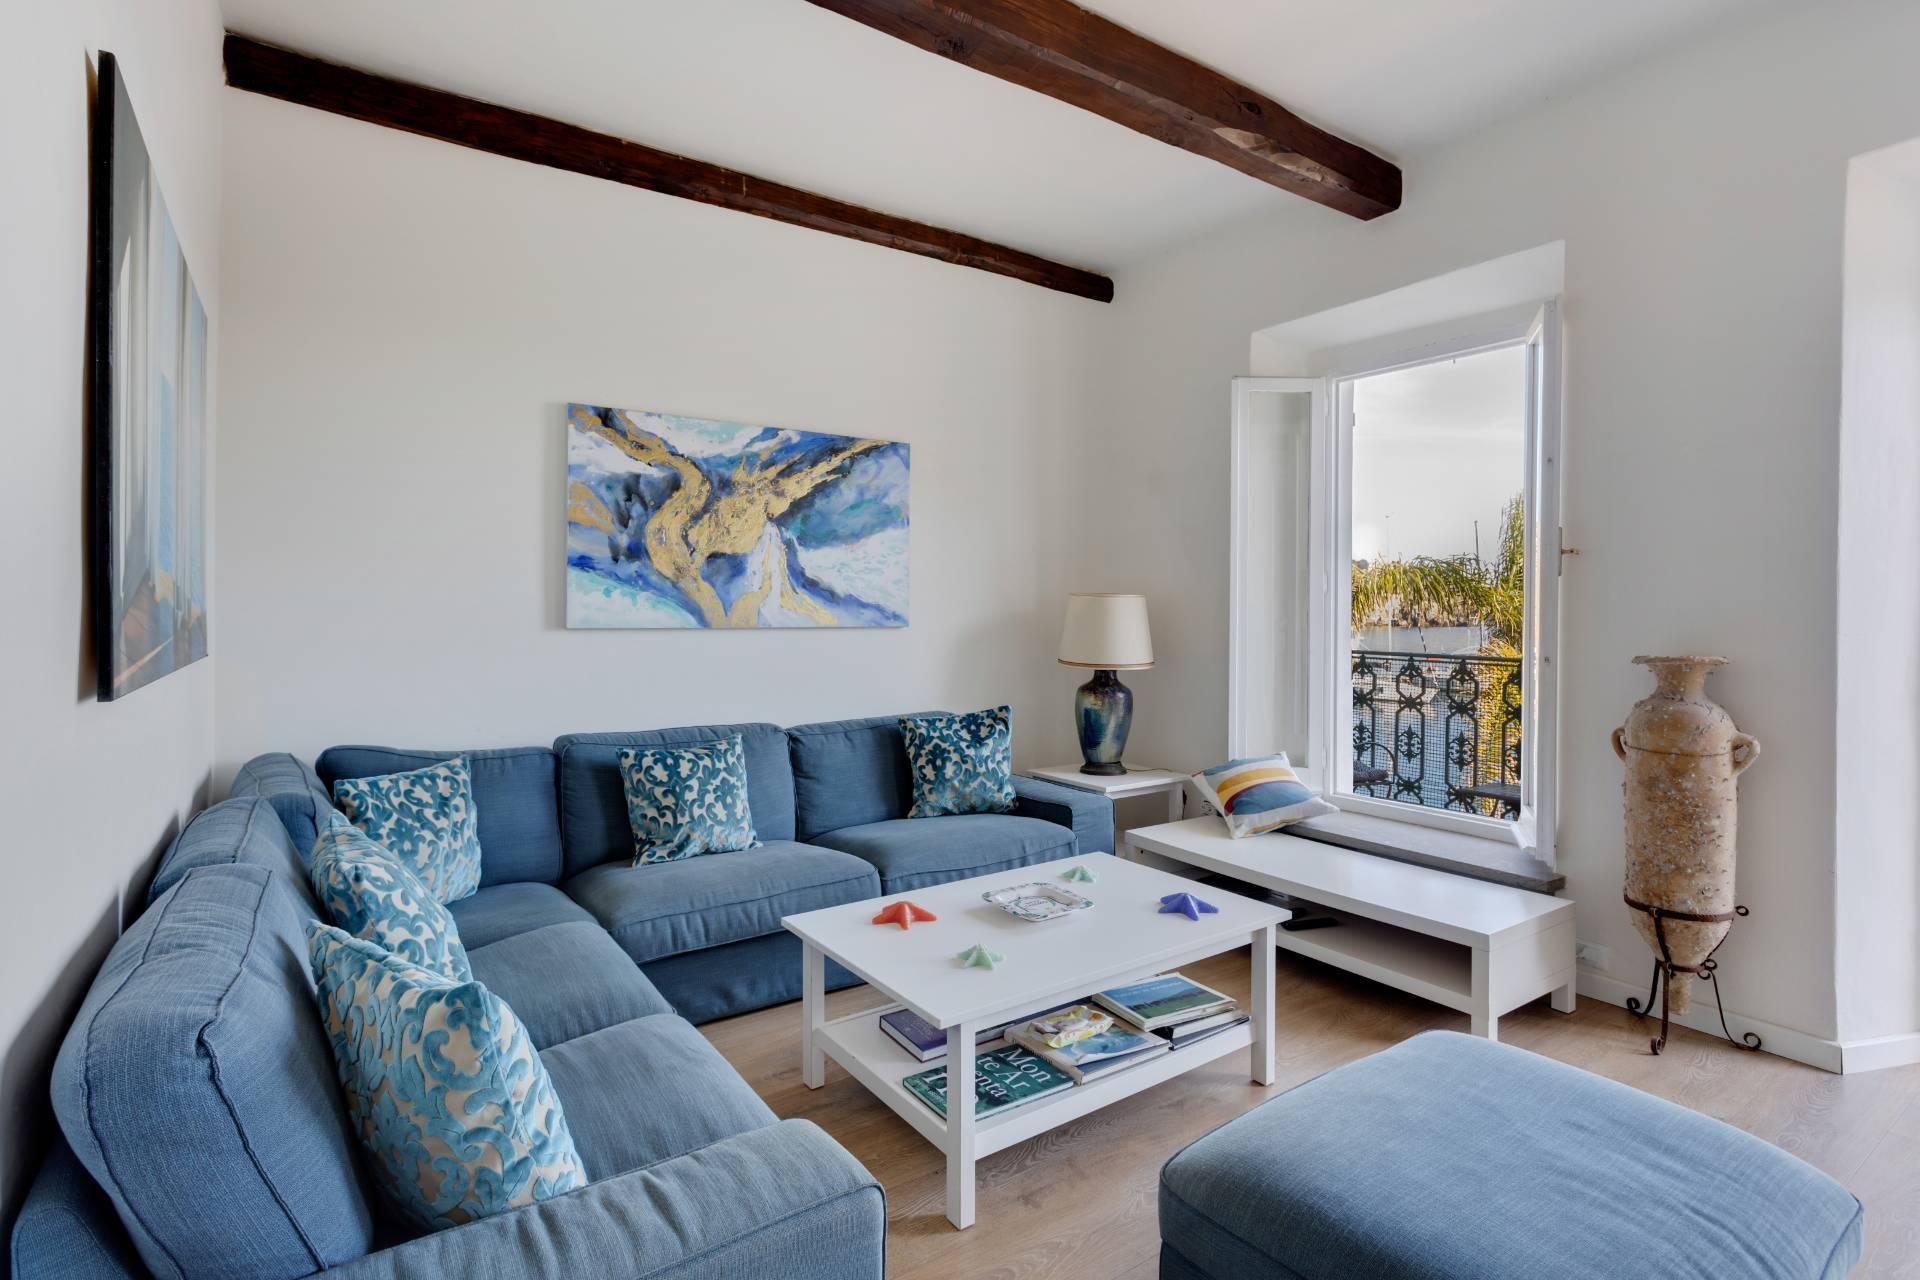 Casa indipendente in Vendita a Monte Argentario: 5 locali, 300 mq - Foto 5